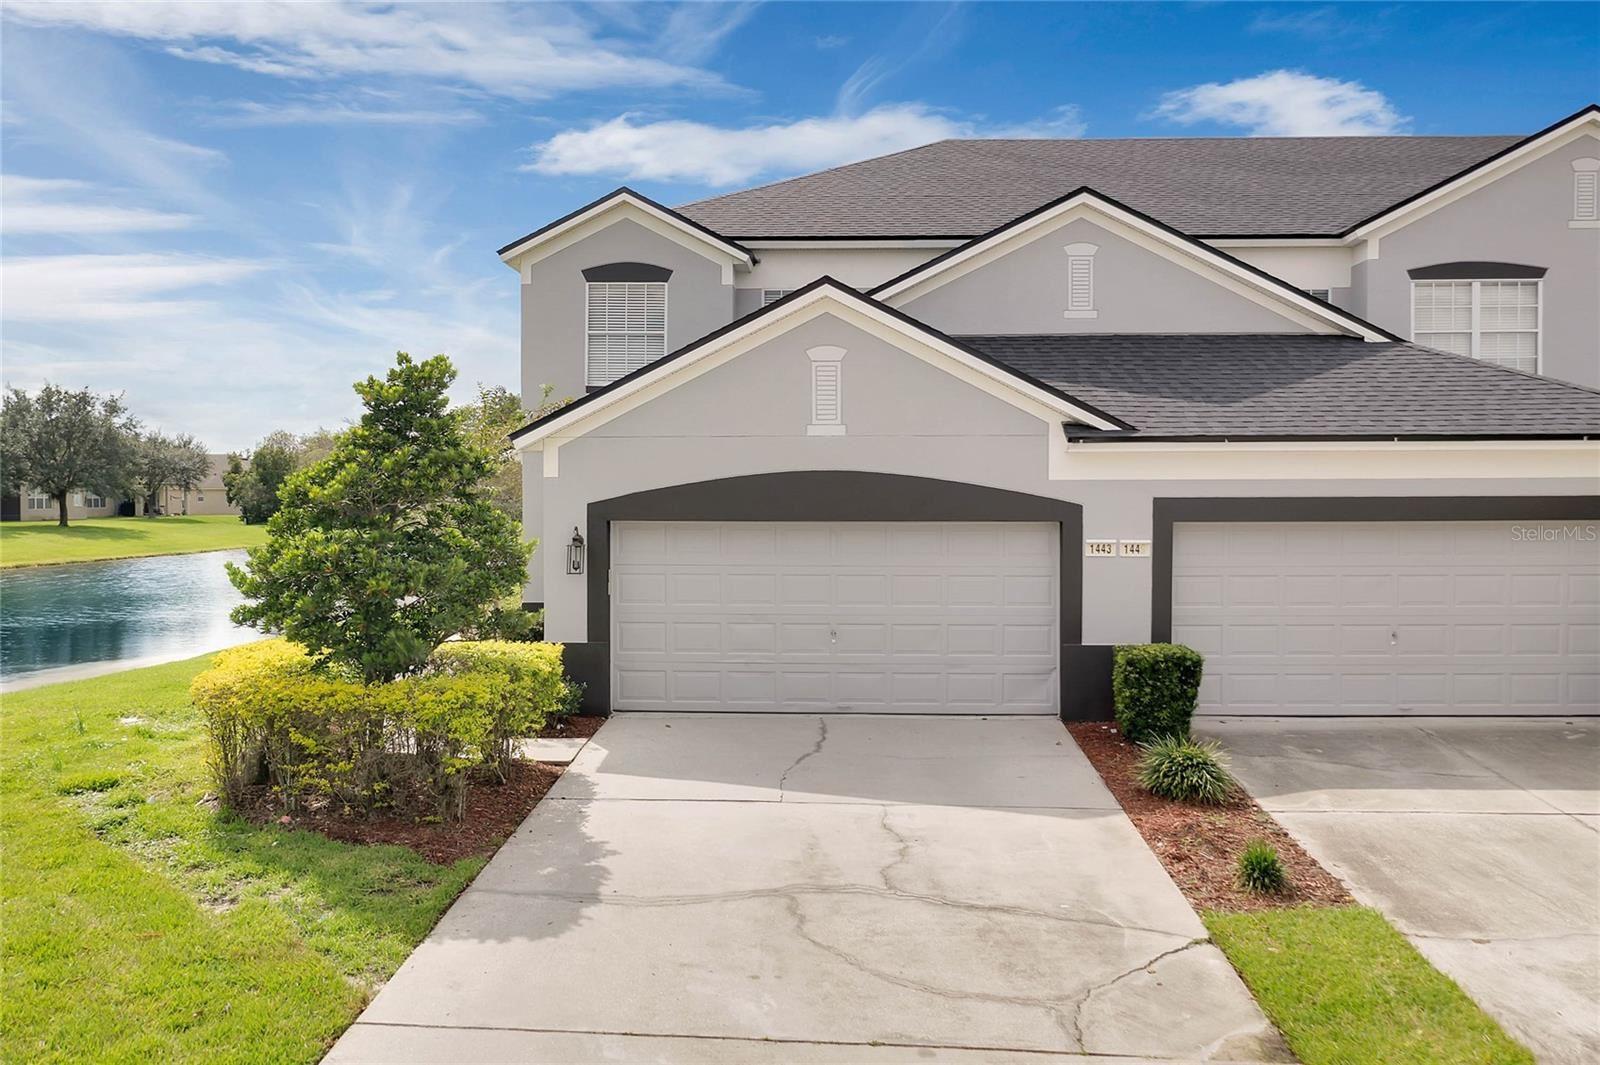 1443 SHALLCROSS AVENUE, Orlando, FL 32828 - #: S5056373